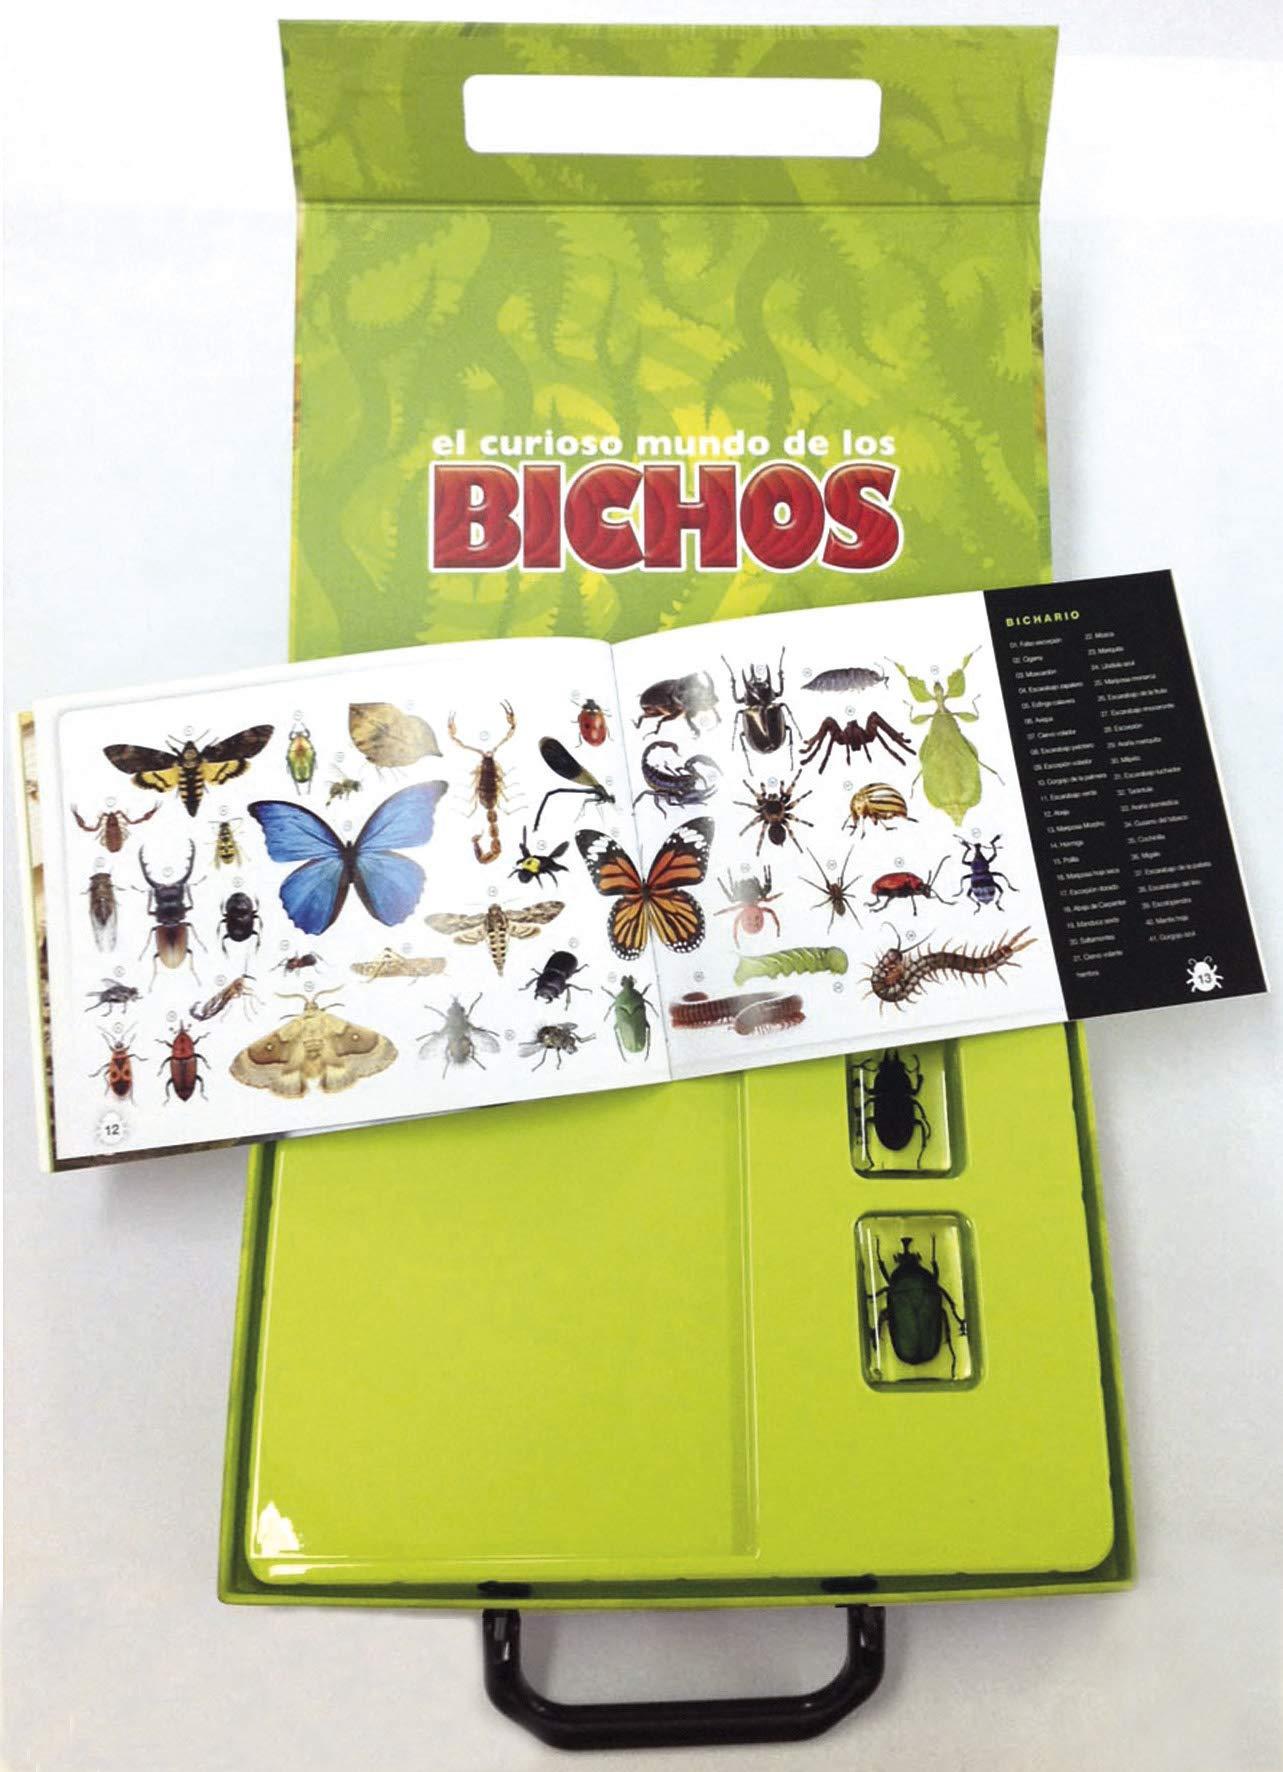 Amazon.com: El curioso mundo de los bichos (9788467744330 ...